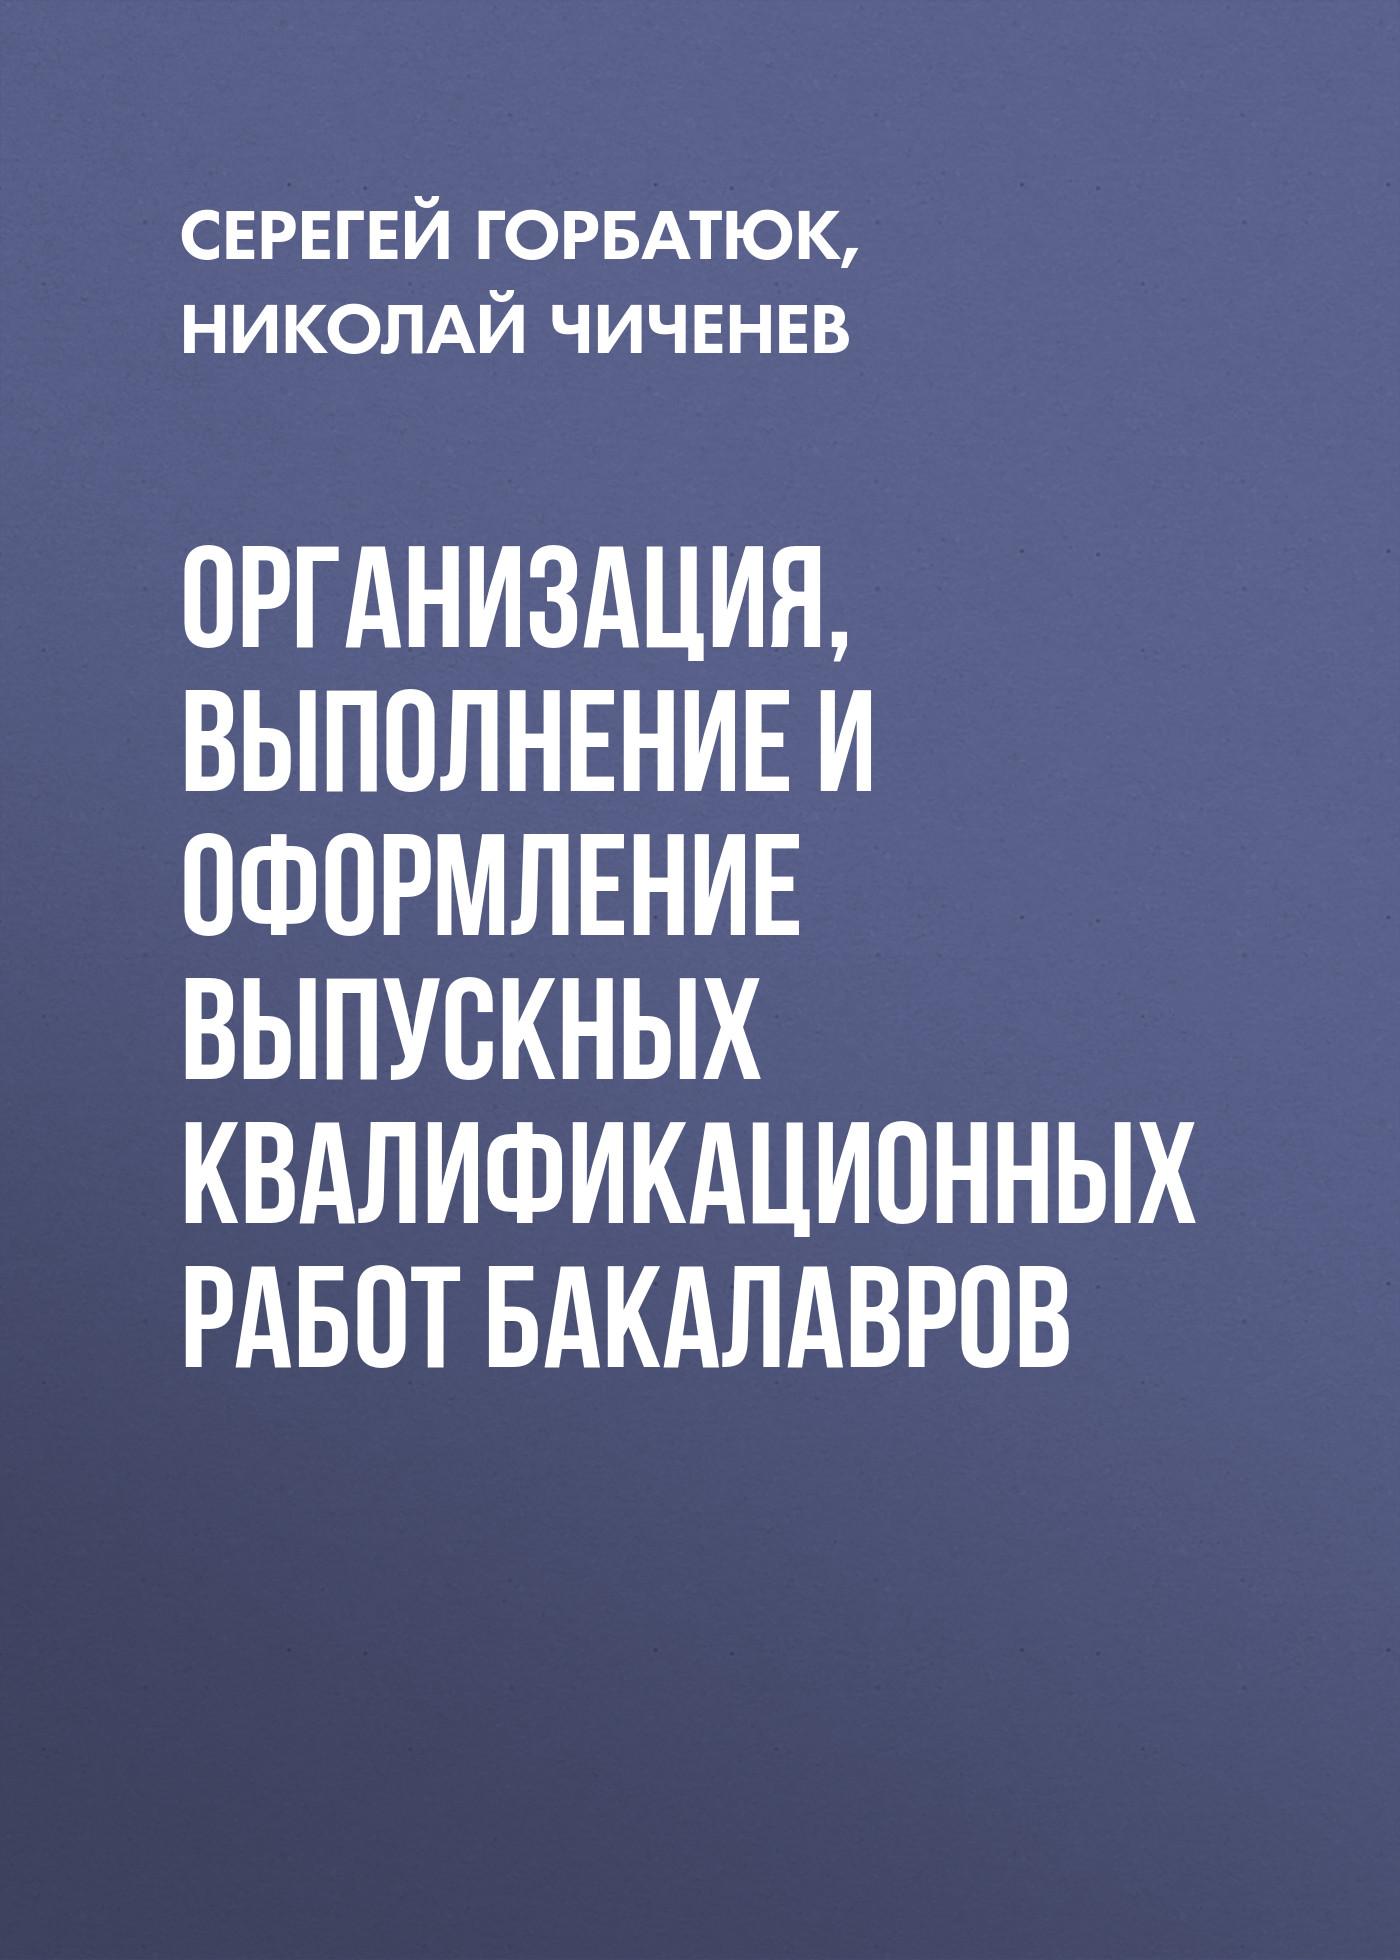 Николай Чиченев Организация, выполнение и оформление выпускных квалификационных работ бакалавров николай чиченев эксплуатация технологического оборудования